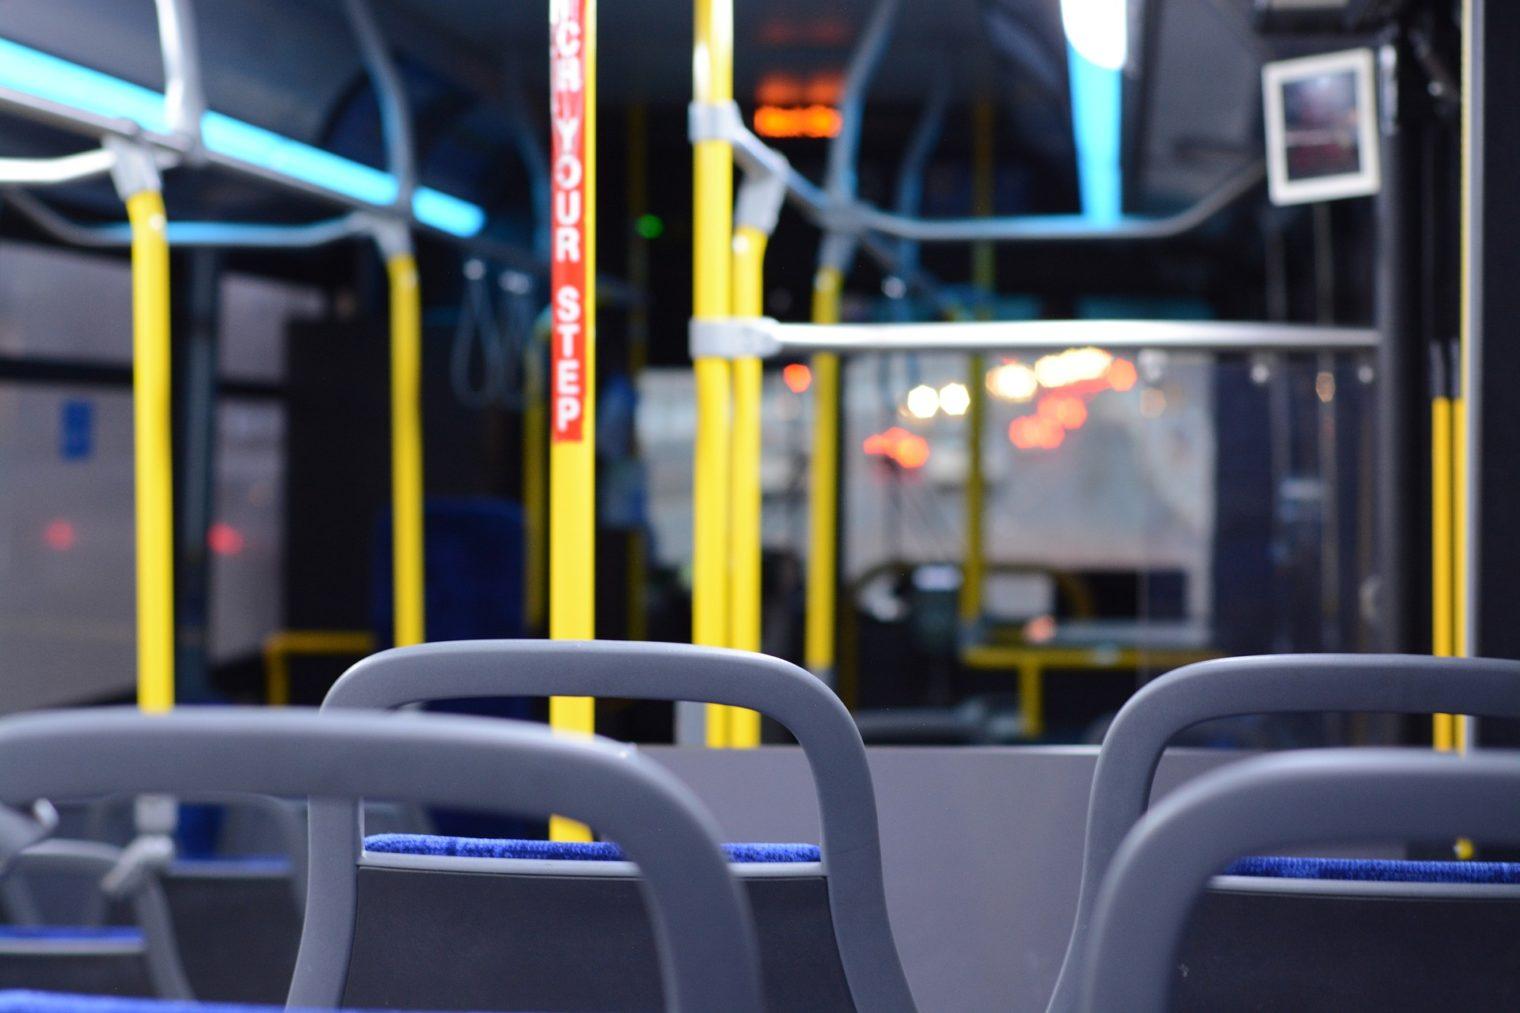 bus-1263266_1920